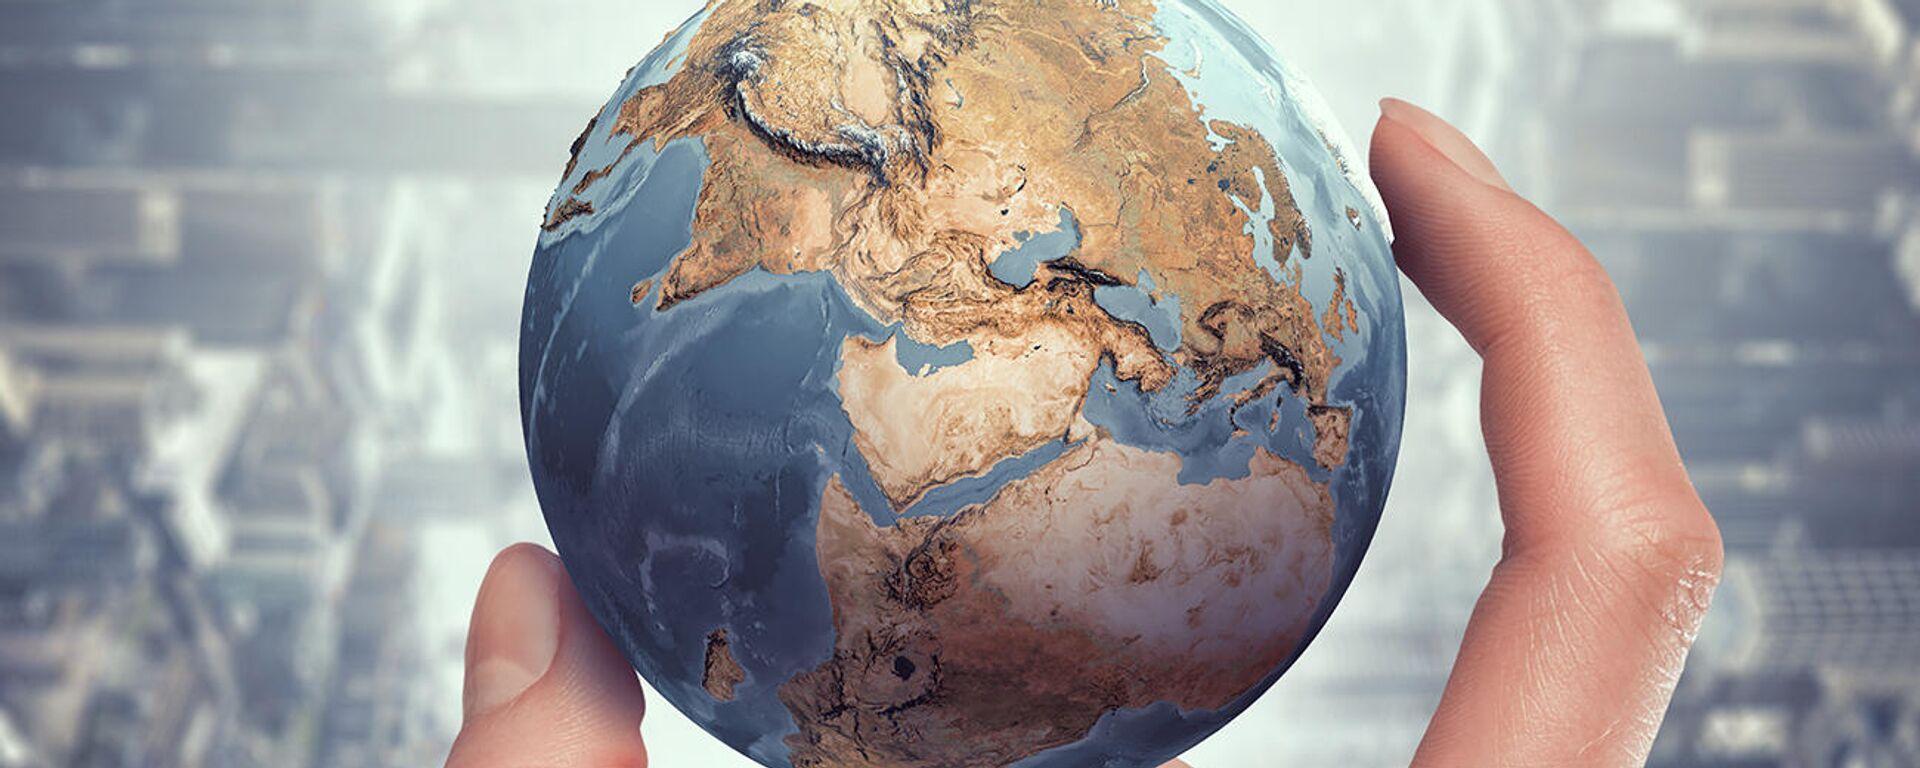 Chile, entre el plan masivo de vacunación y un sistema de salud sobreexigido - Sputnik Mundo, 1920, 02.02.2021